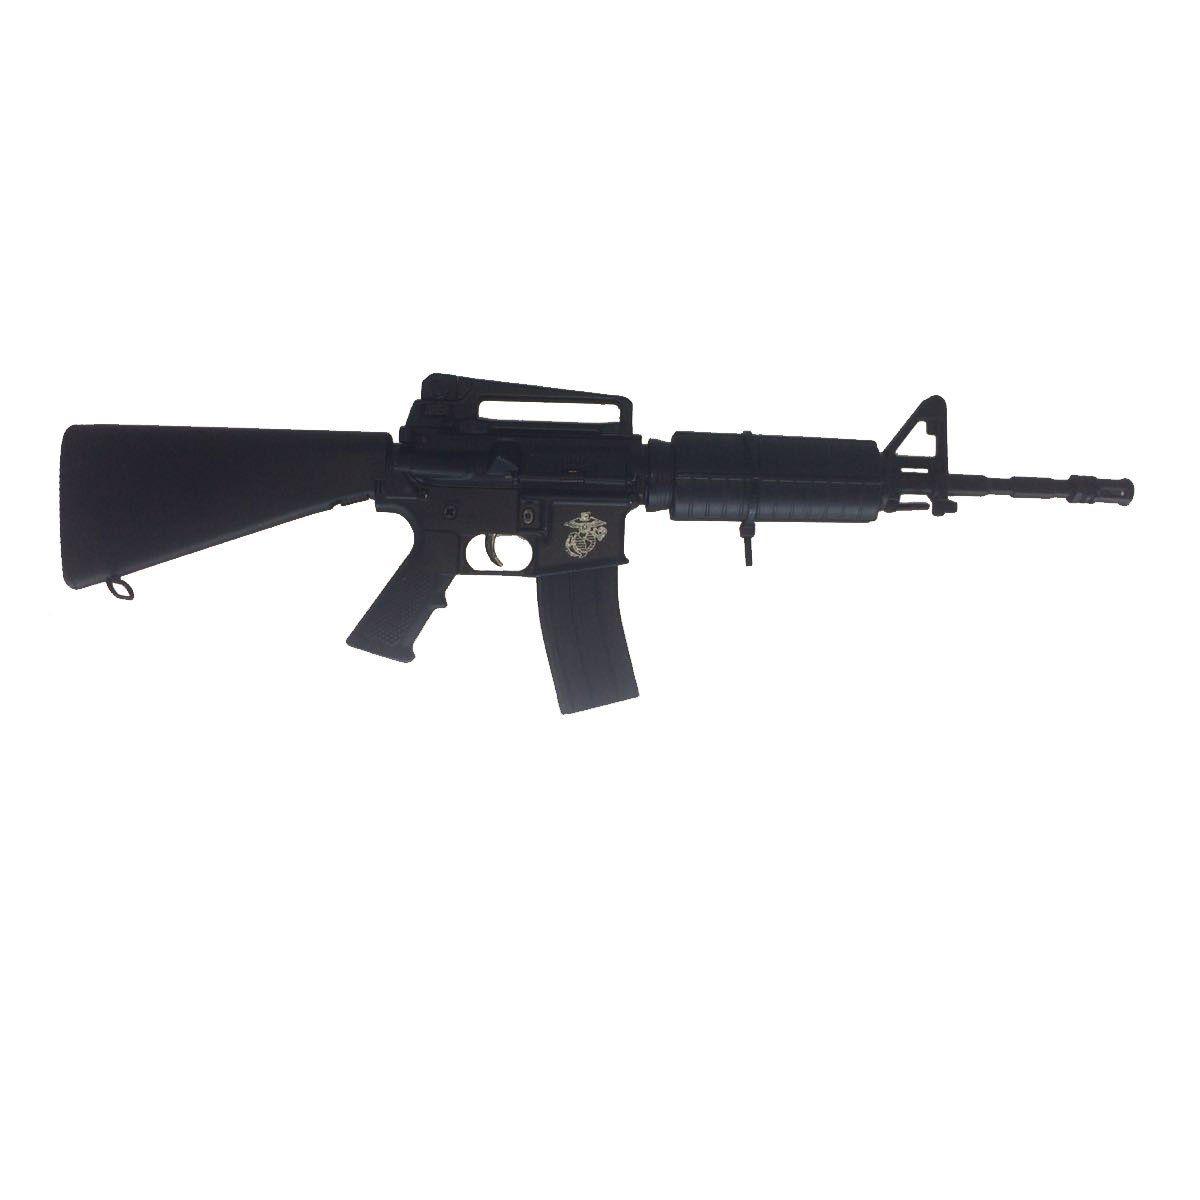 Miniatura de Arma M16 30cm para Colecionador com Base